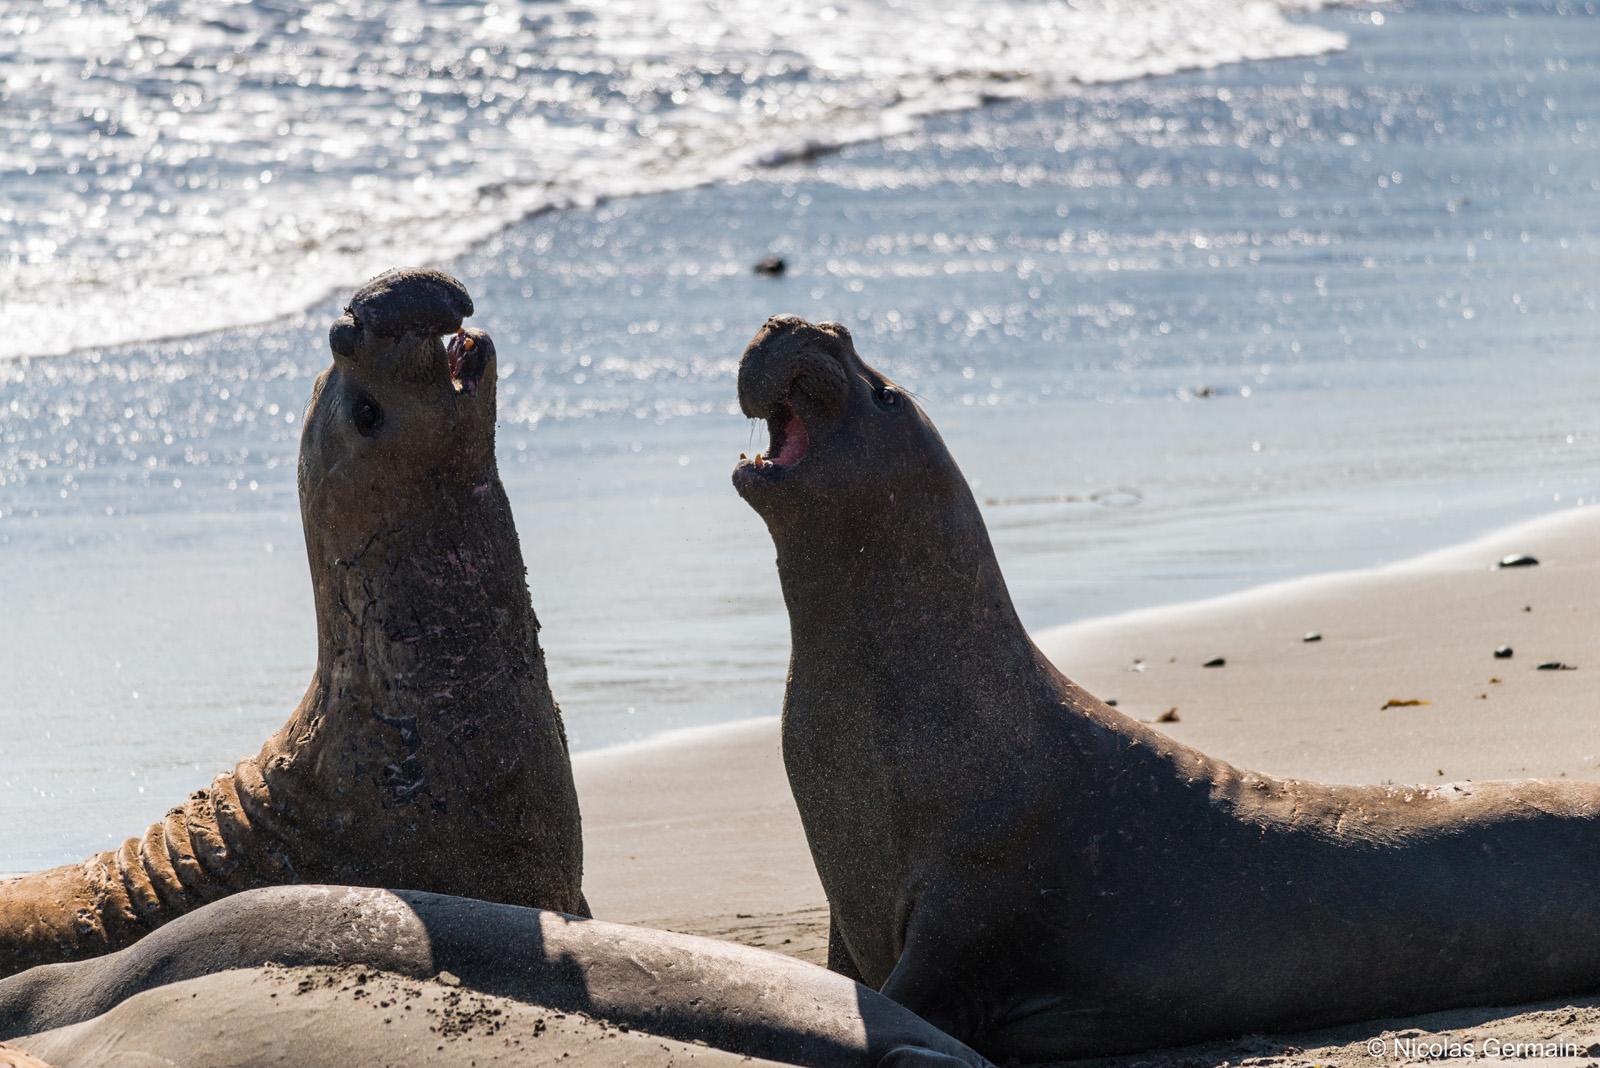 Deux éléphants de mer s'intimident sur la côte californienne au sud de Big Sur